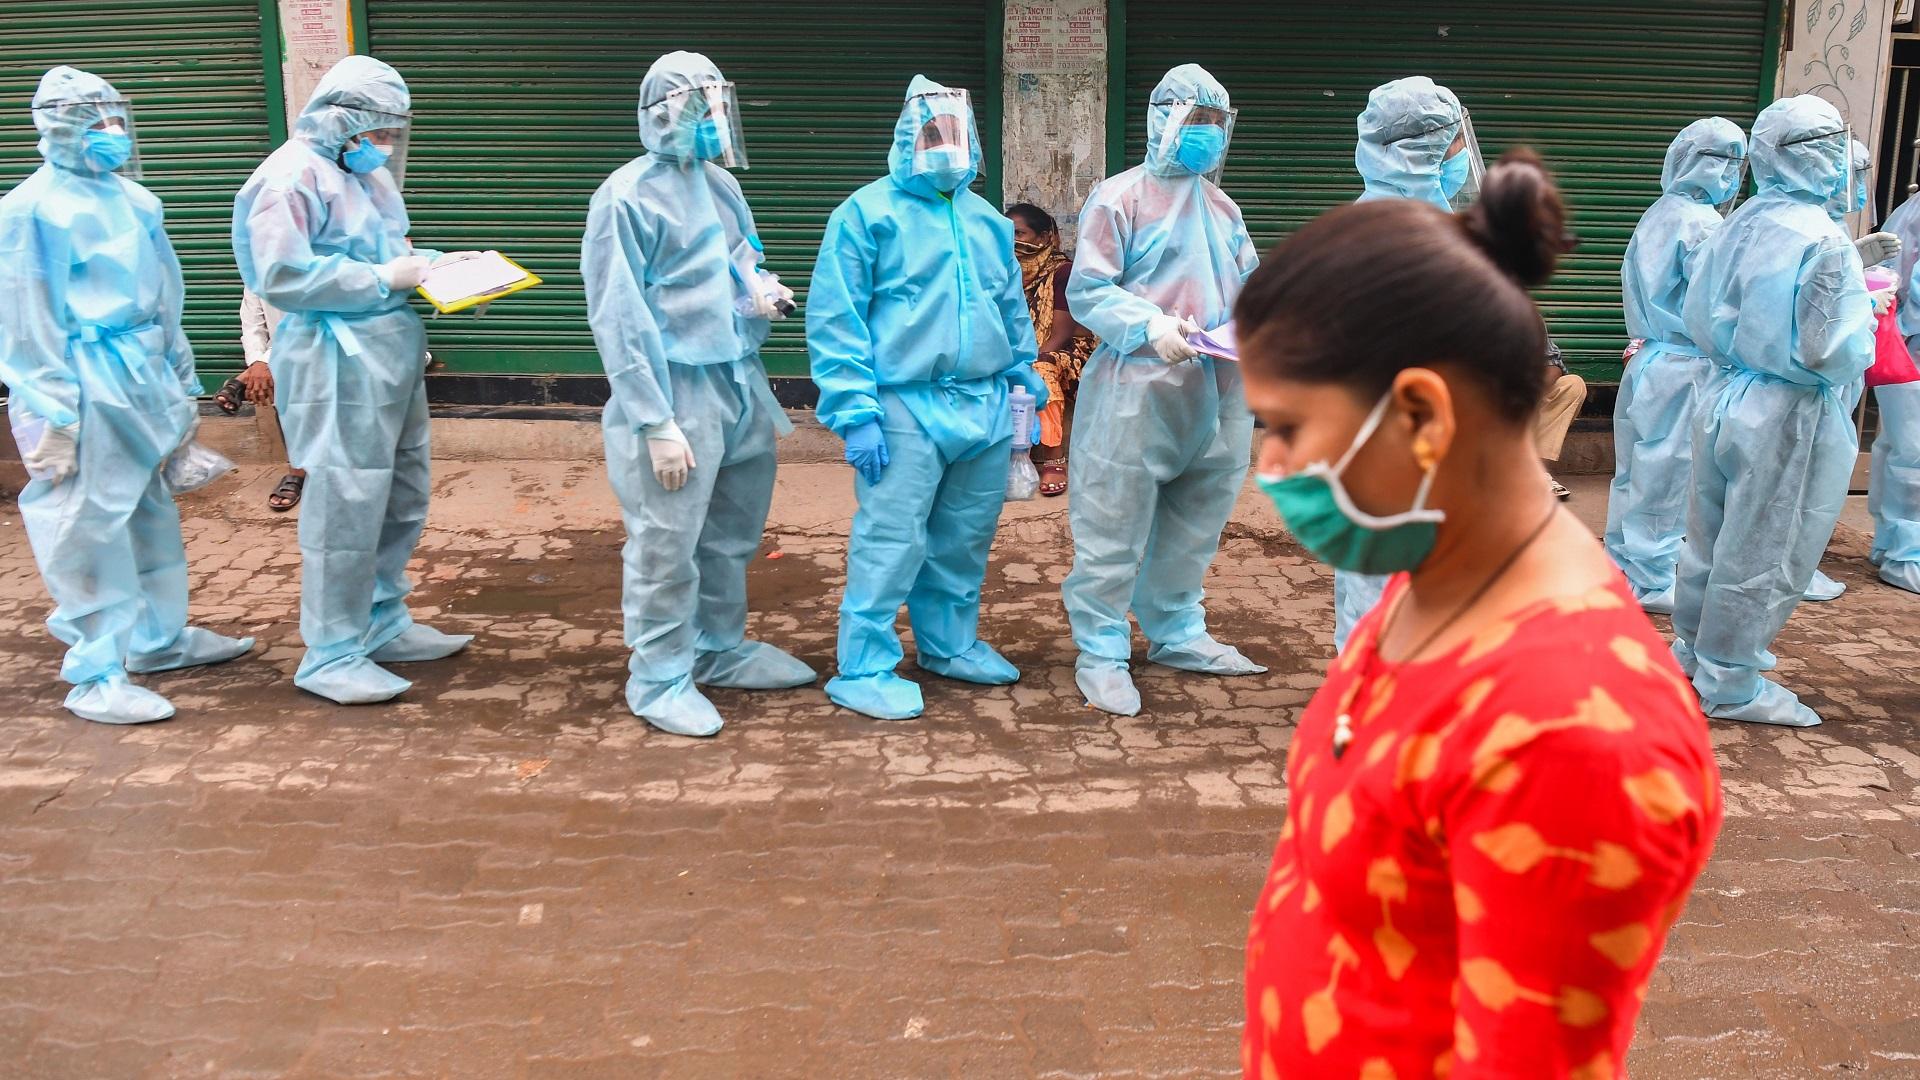 """بلدان العالم تفرض مزيدا من """"القيود"""" بعد تجاوز عدد الإصابات بفيروس كورونا 30 مليونا"""